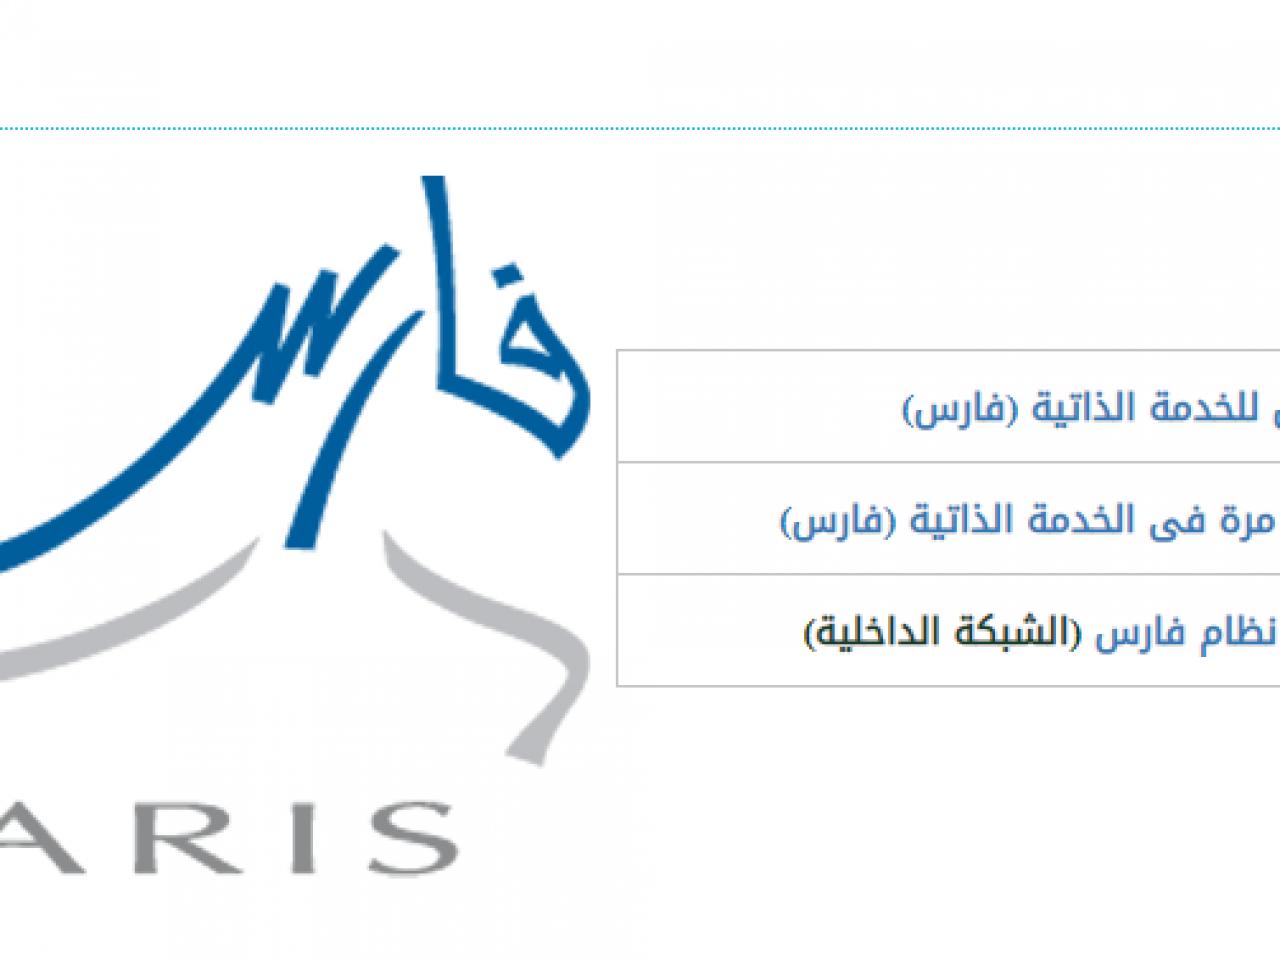 الدورات المعتمدة في نظام فارس للمعلمين وكيفية التسجيل في نظام فارس الخدمة الذاتية